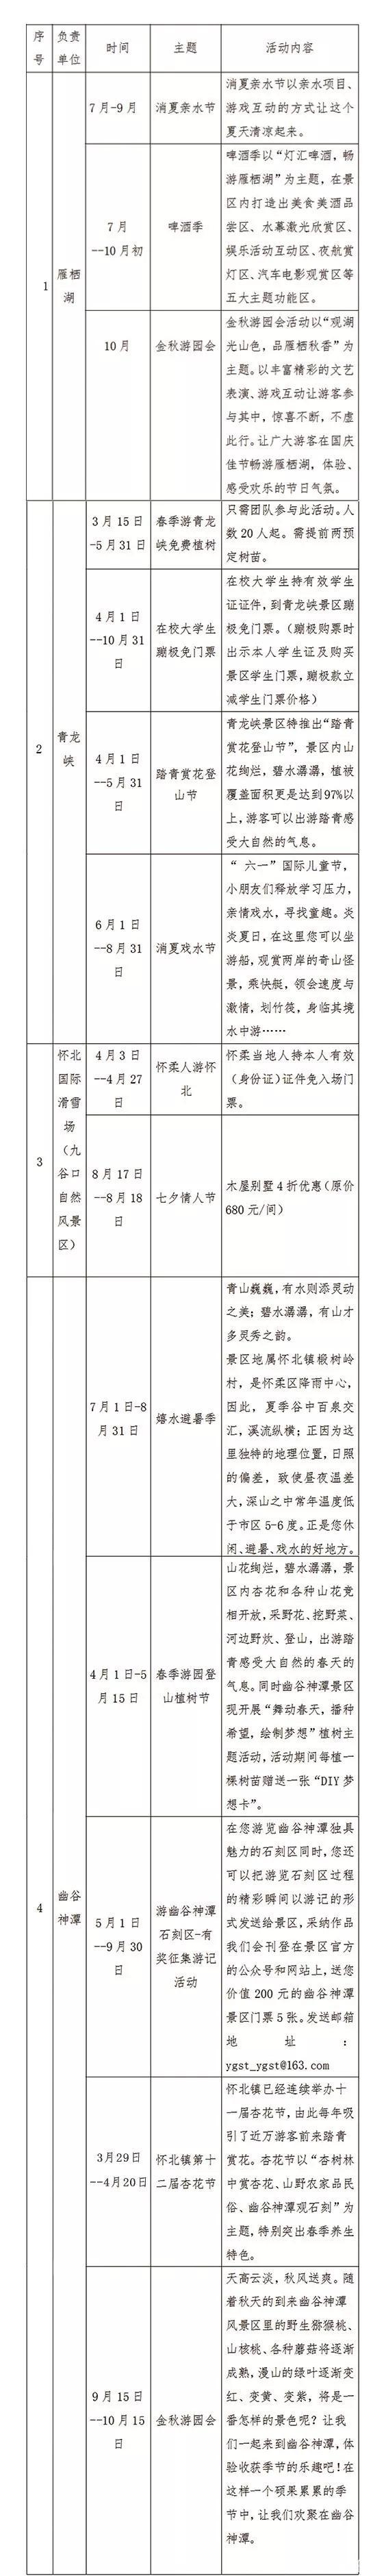 2019北京怀柔惠民旅游季活动优惠+景点名单